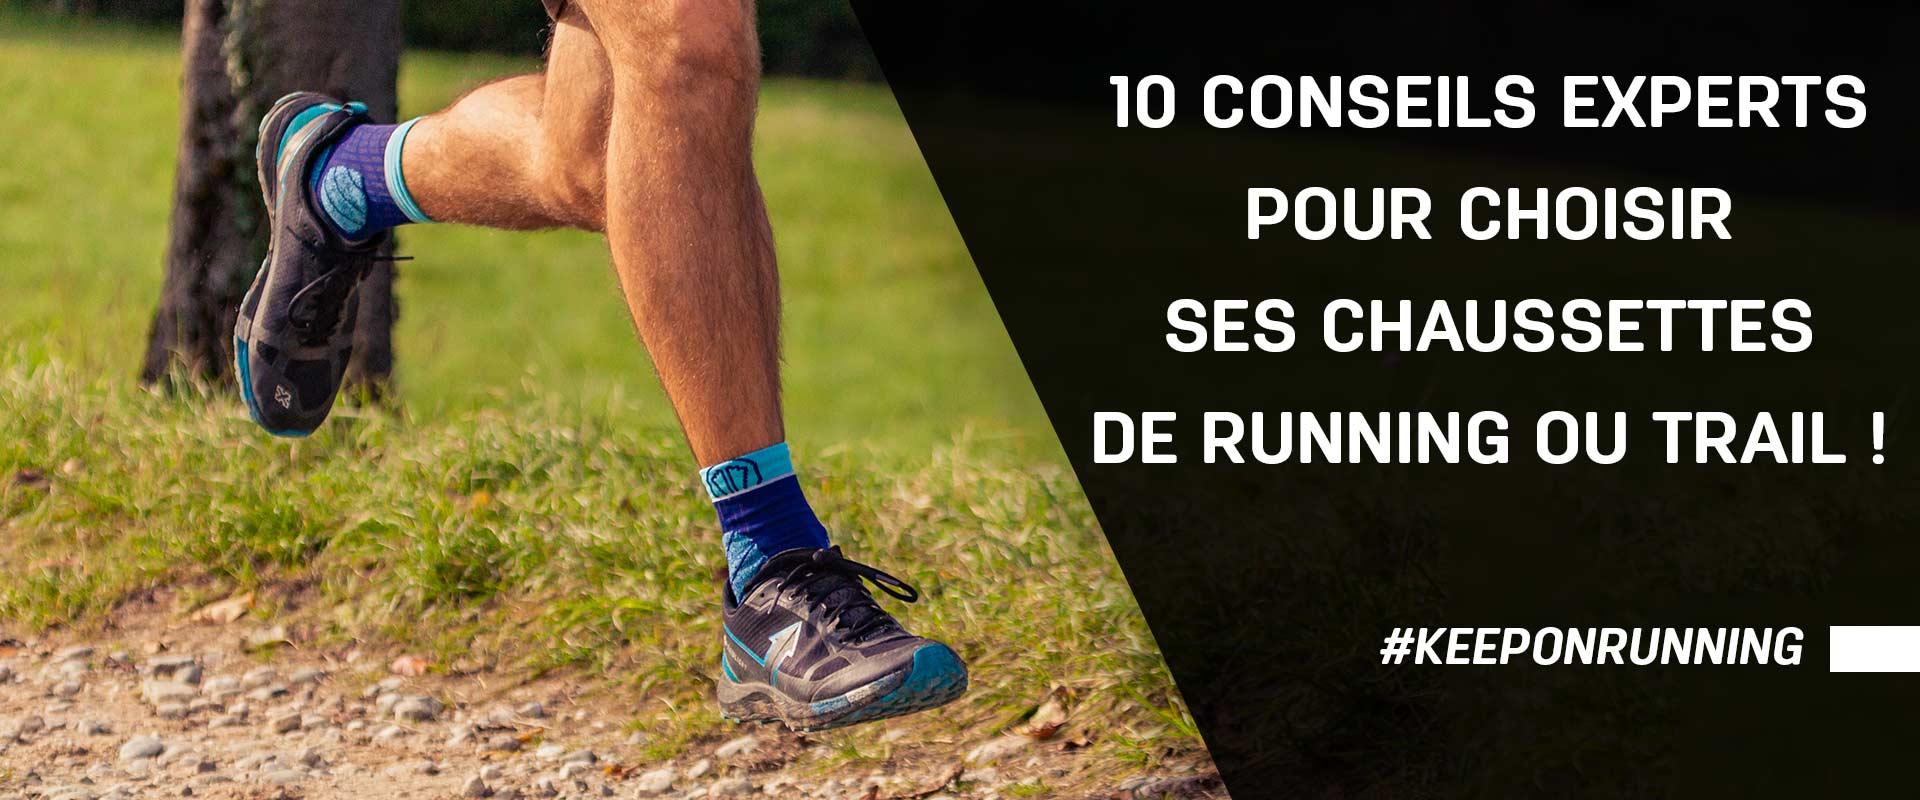 Comment choisir ses chaussettes de running et trail   Sidas